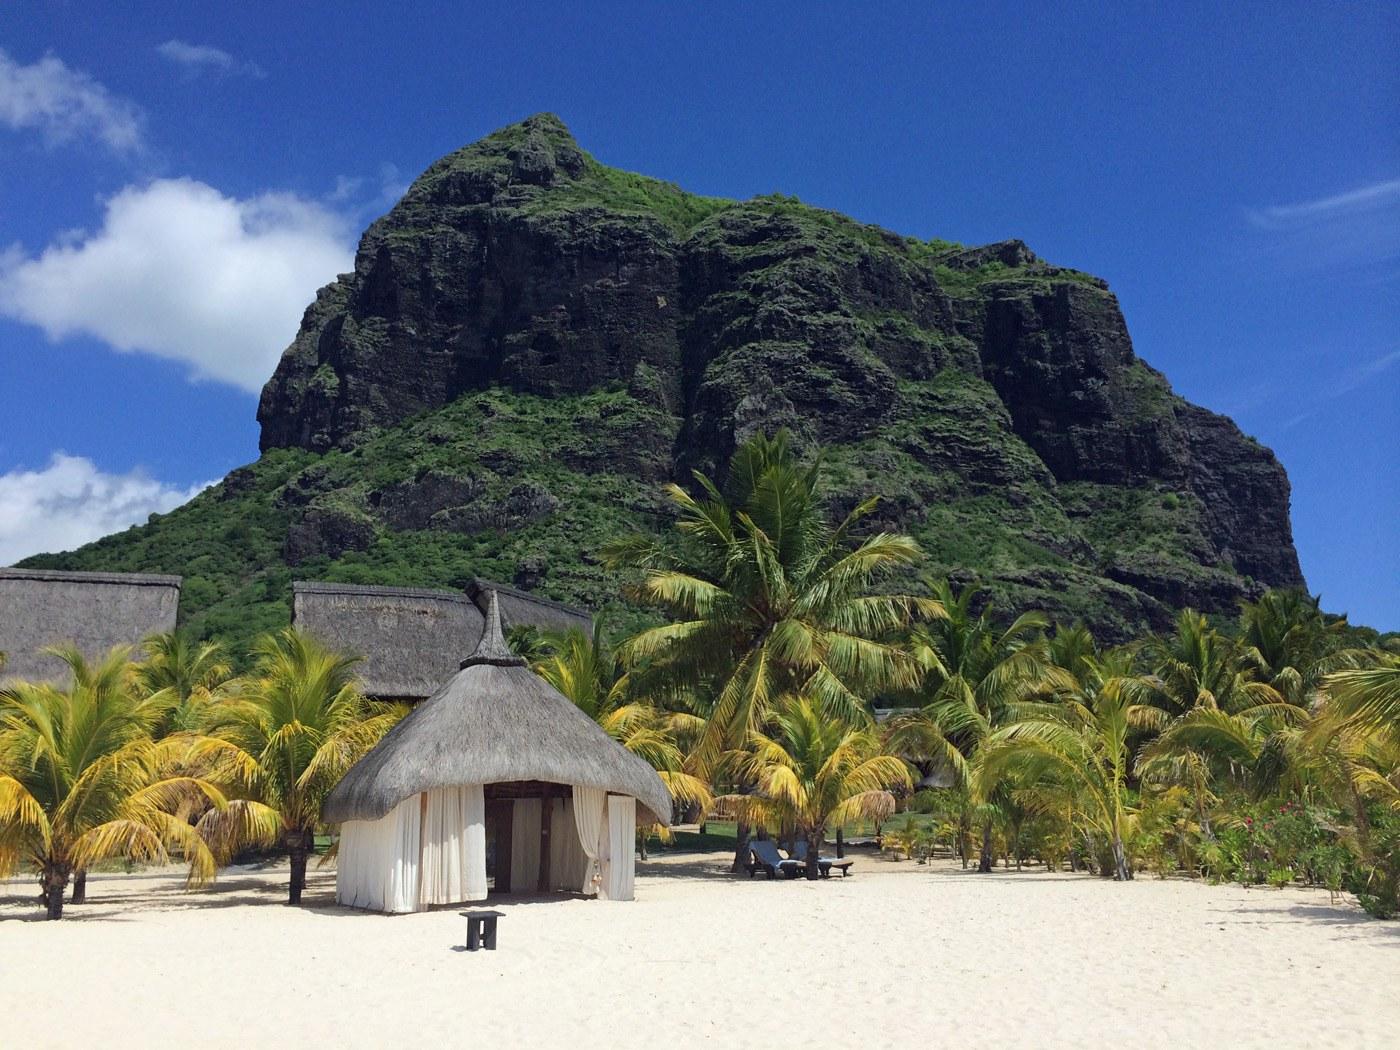 La penisola di Le Morne, Mauritius